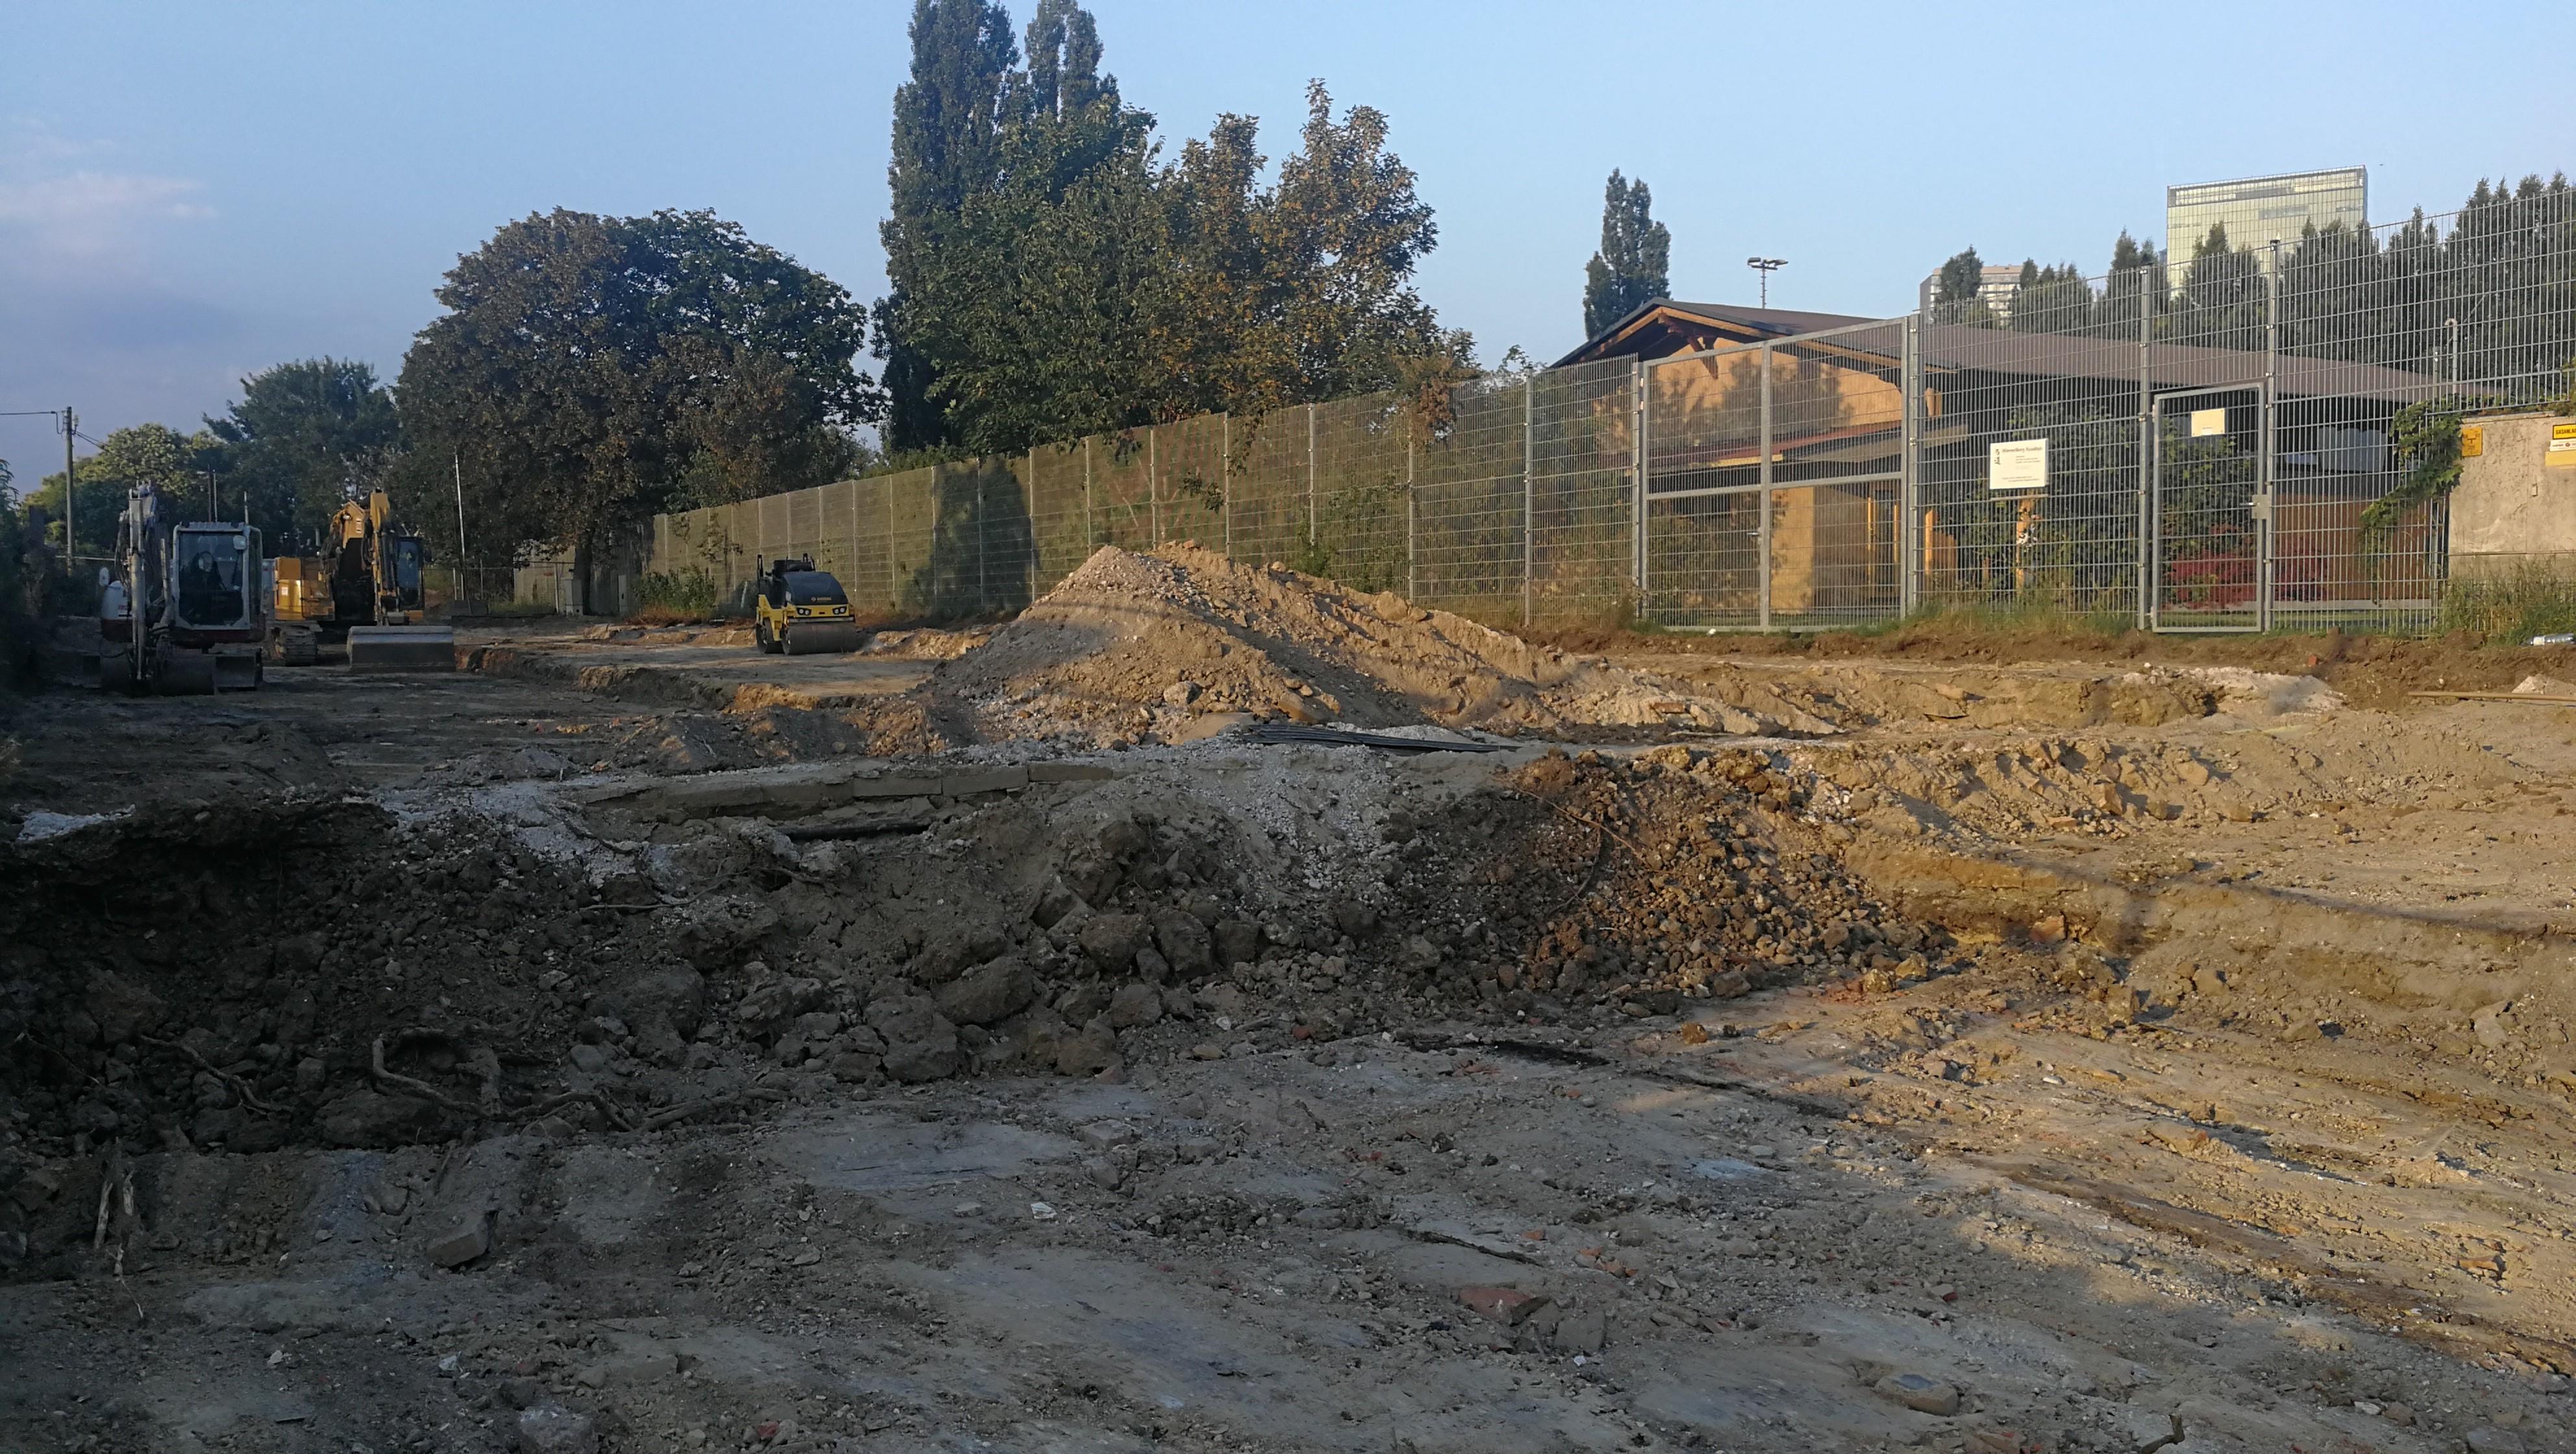 Baustelle keine Zufahrt